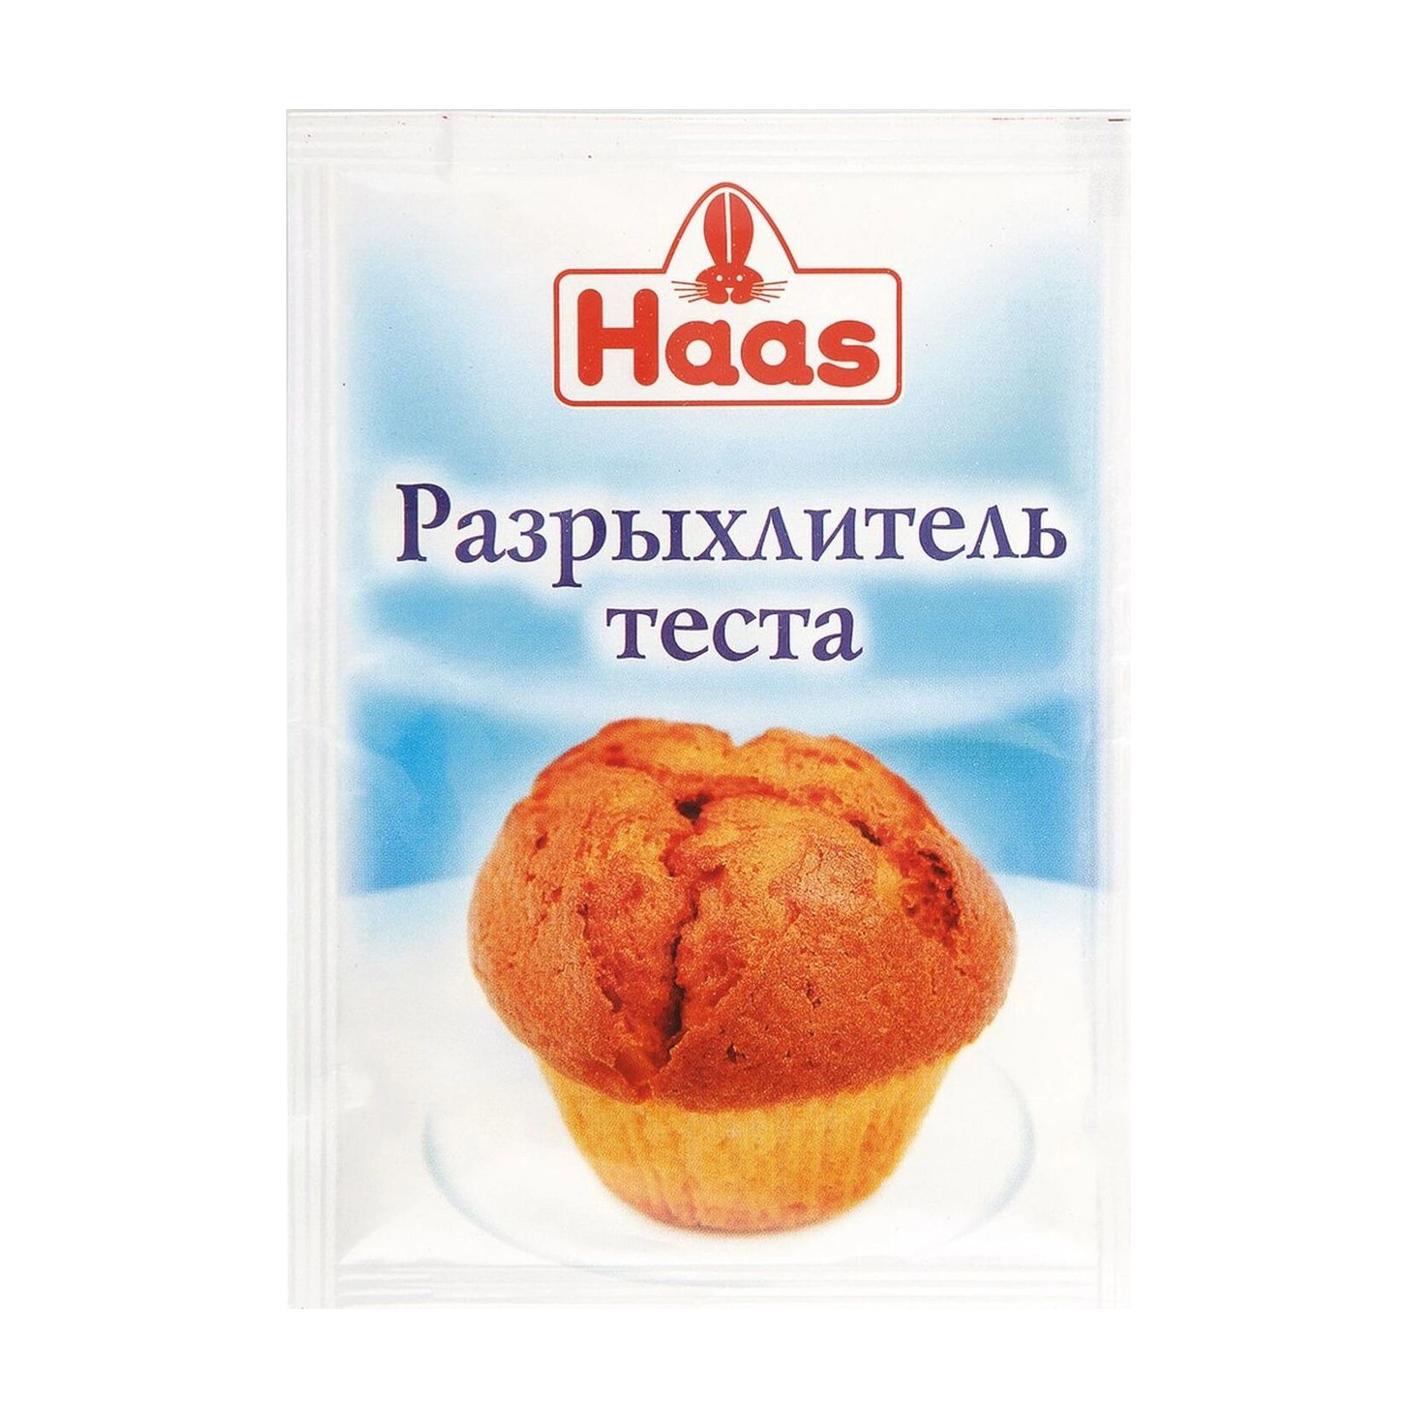 Фото - Разрыхлитель Haas 12 г желатин пищевой haas 10 г